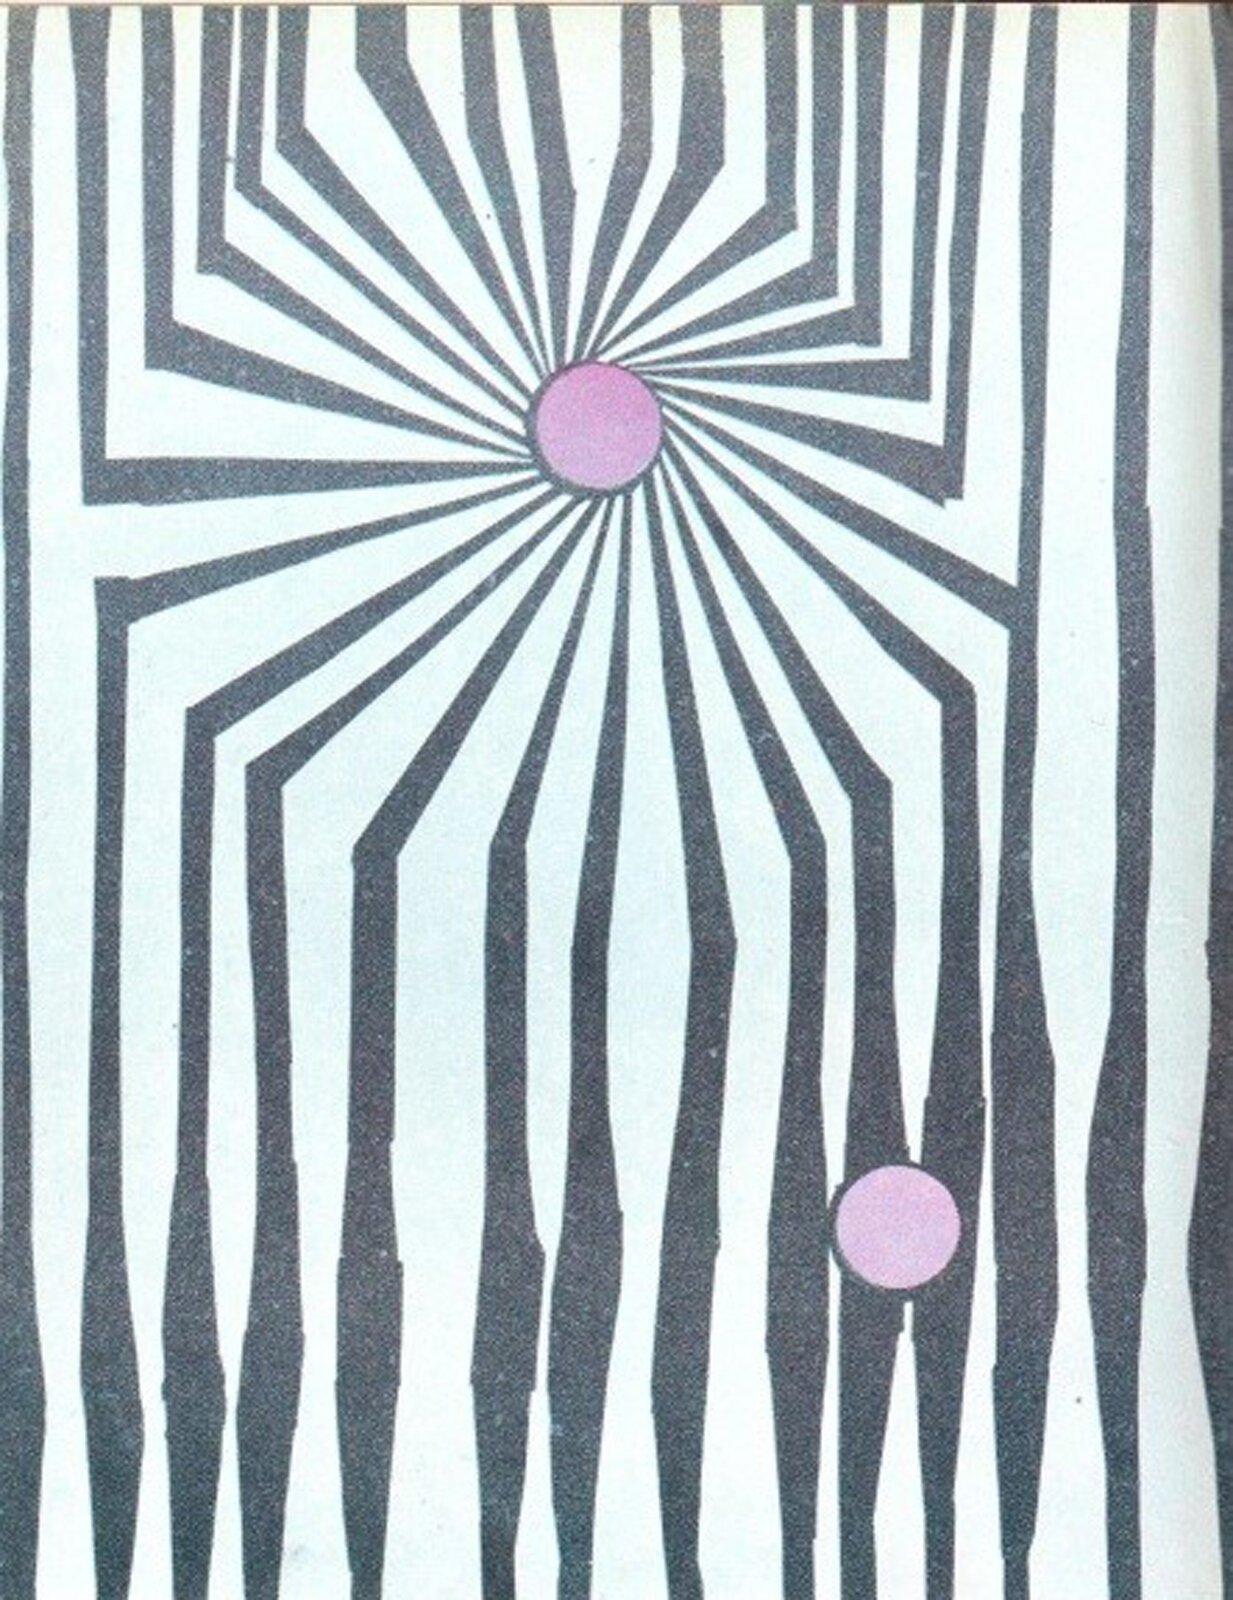 Ilustracja przedstawia dwa małe kółka, które są umieszczone na innym tle. Od jednego kółka odchodzą promieniście linie, które stają się coraz szersze. Drugie kółko jest położone na grubych liniach.